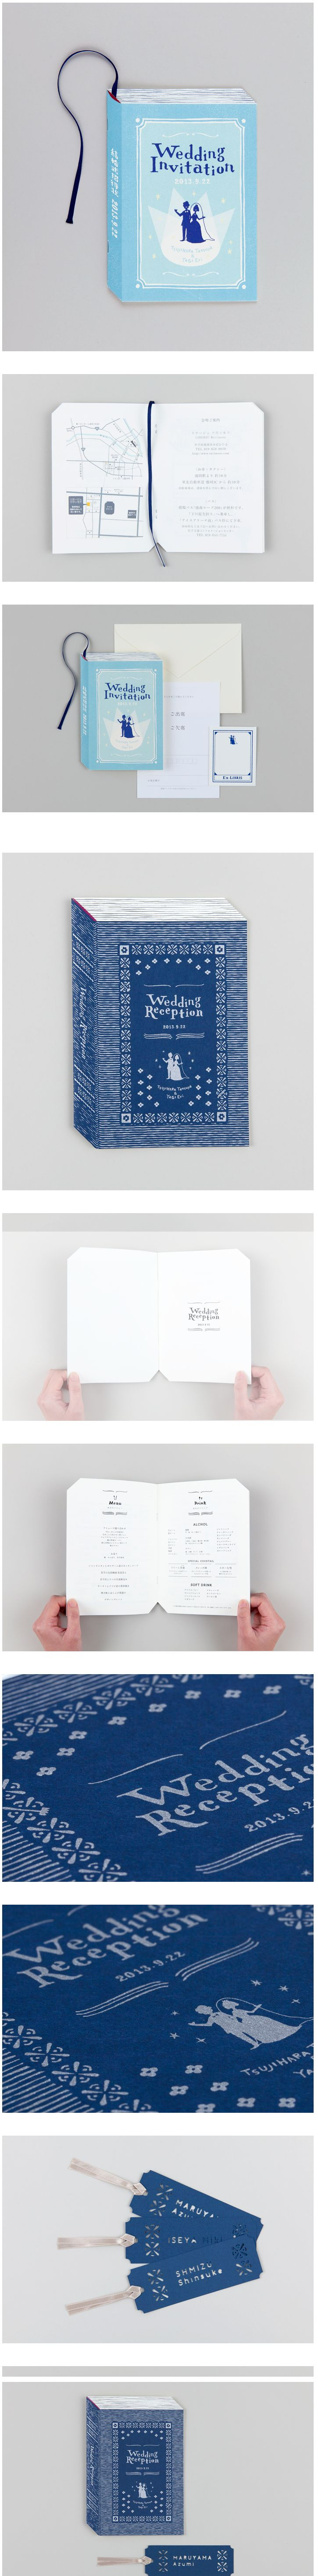 結婚式ペーパーアイテム | homesickdesign